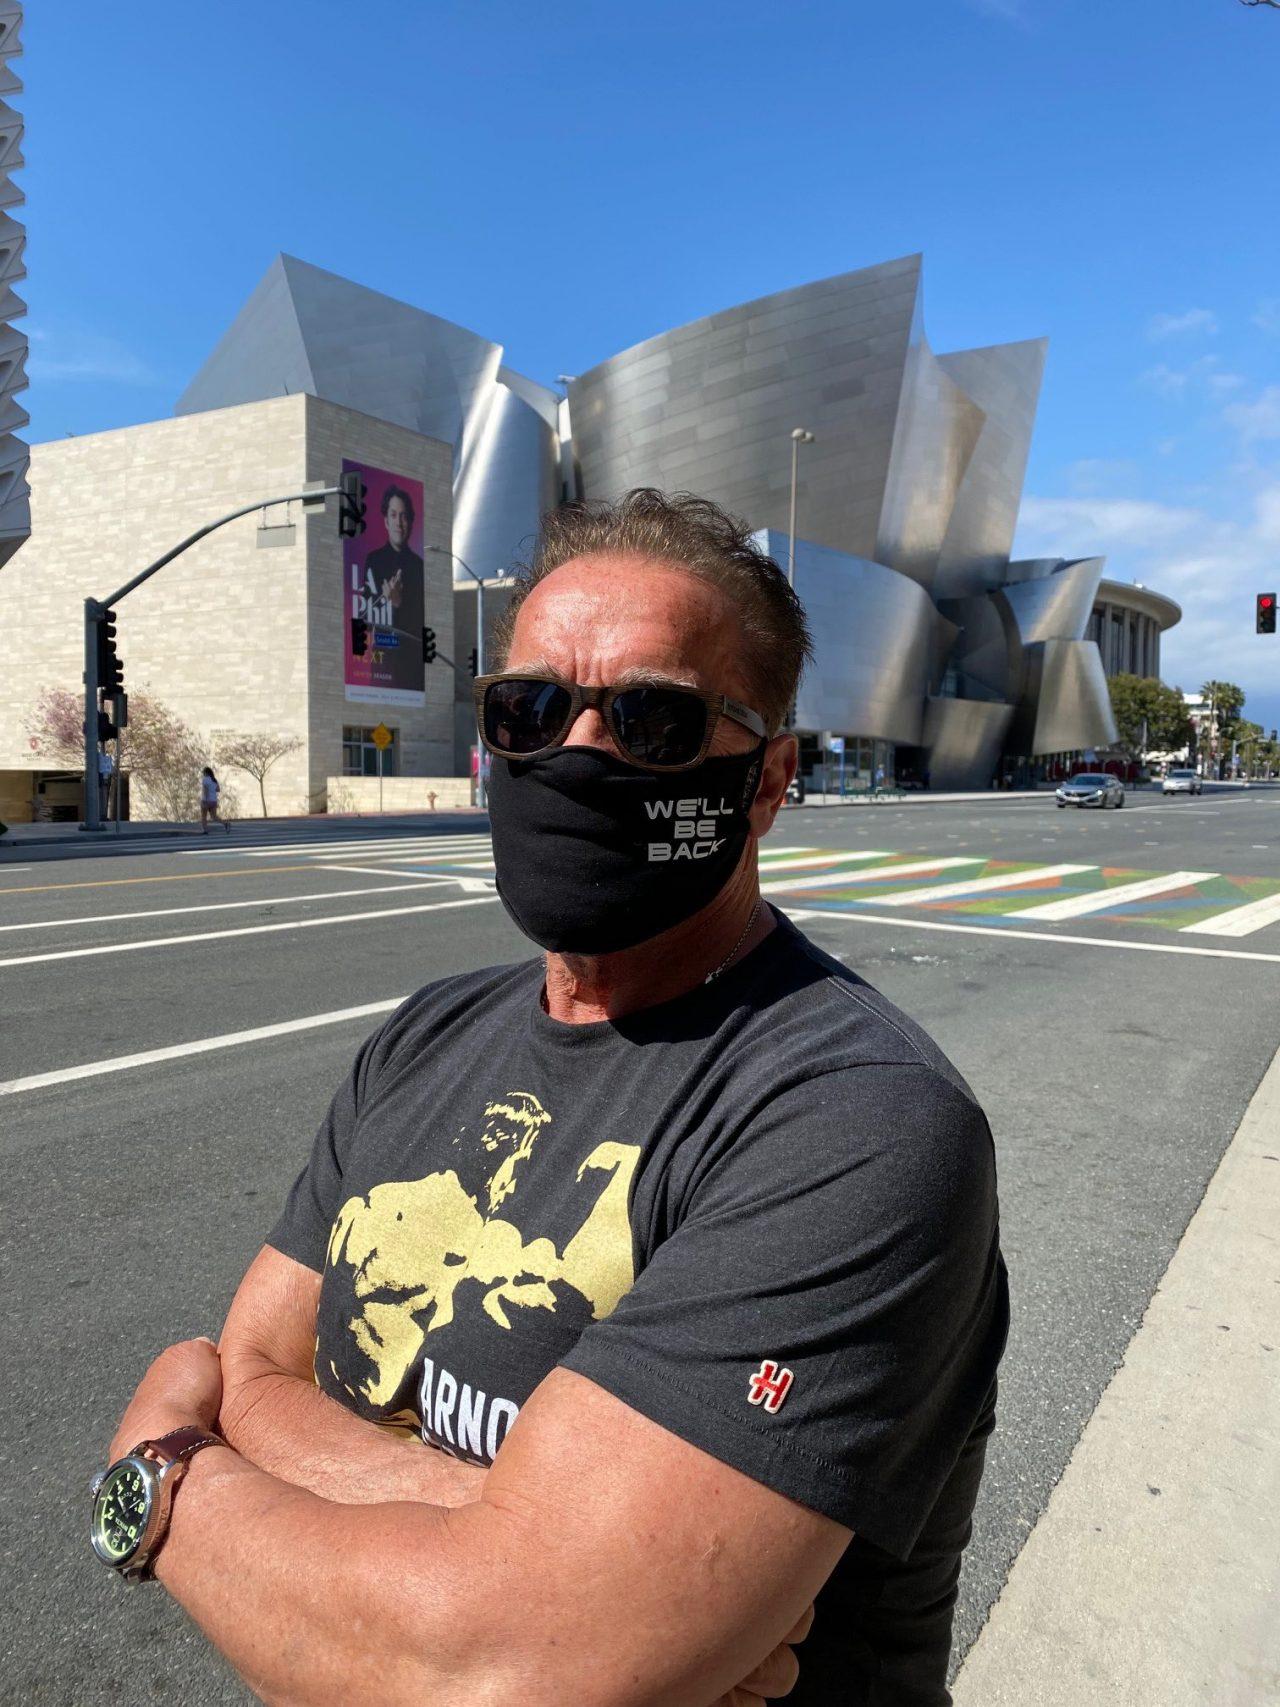 — Arnold, ¿hasta dónde debe cubrir la mascarilla?